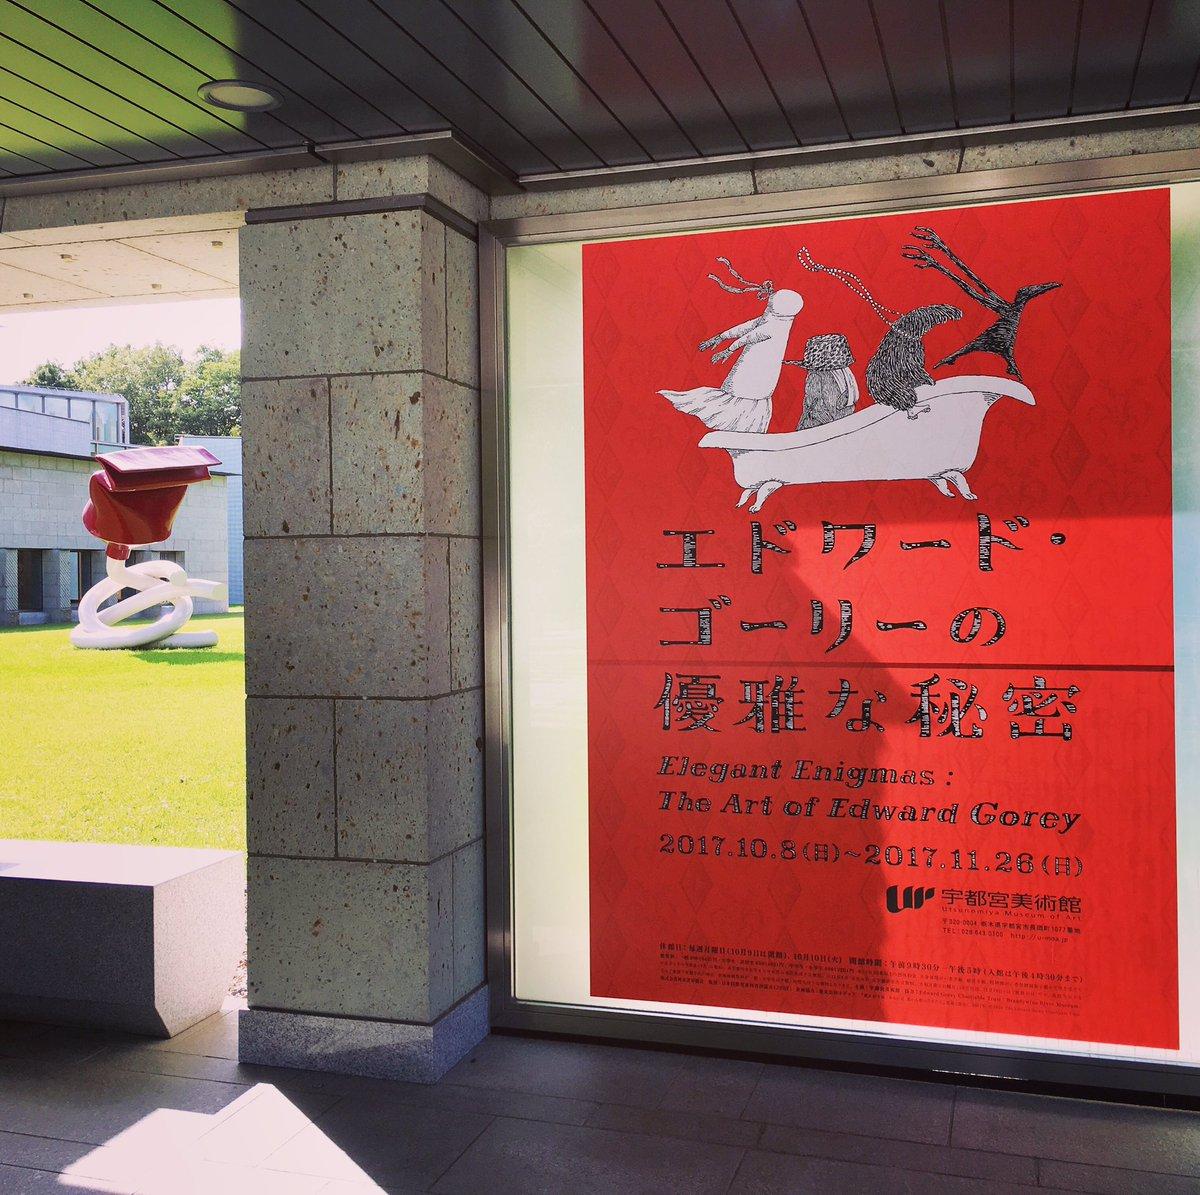 今日はエドワード・ゴーリー展のオープニングで宇都宮美術館に、快晴です。 https://t.co/RefiYqu92L